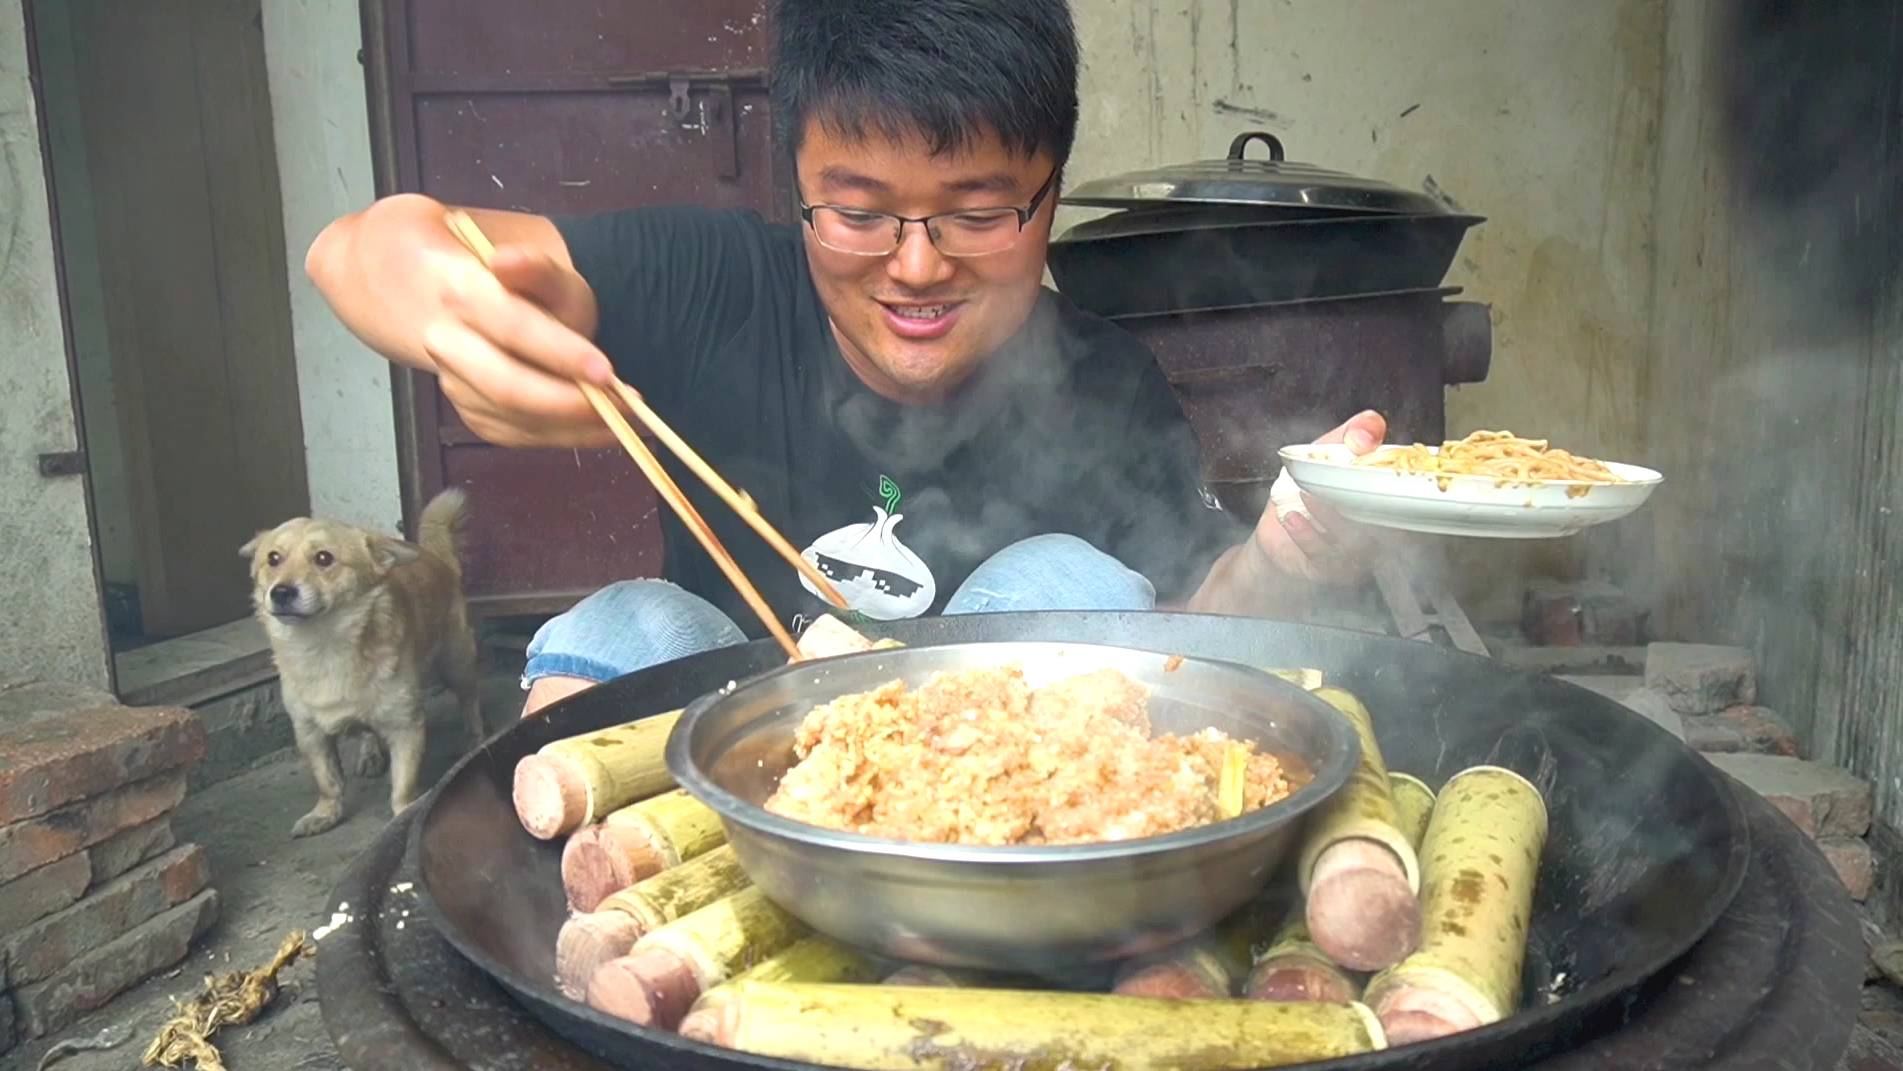 大热天吃地锅排骨,四斤肋排一大锅,竹筒蒸着吃过瘾,一锅做少了